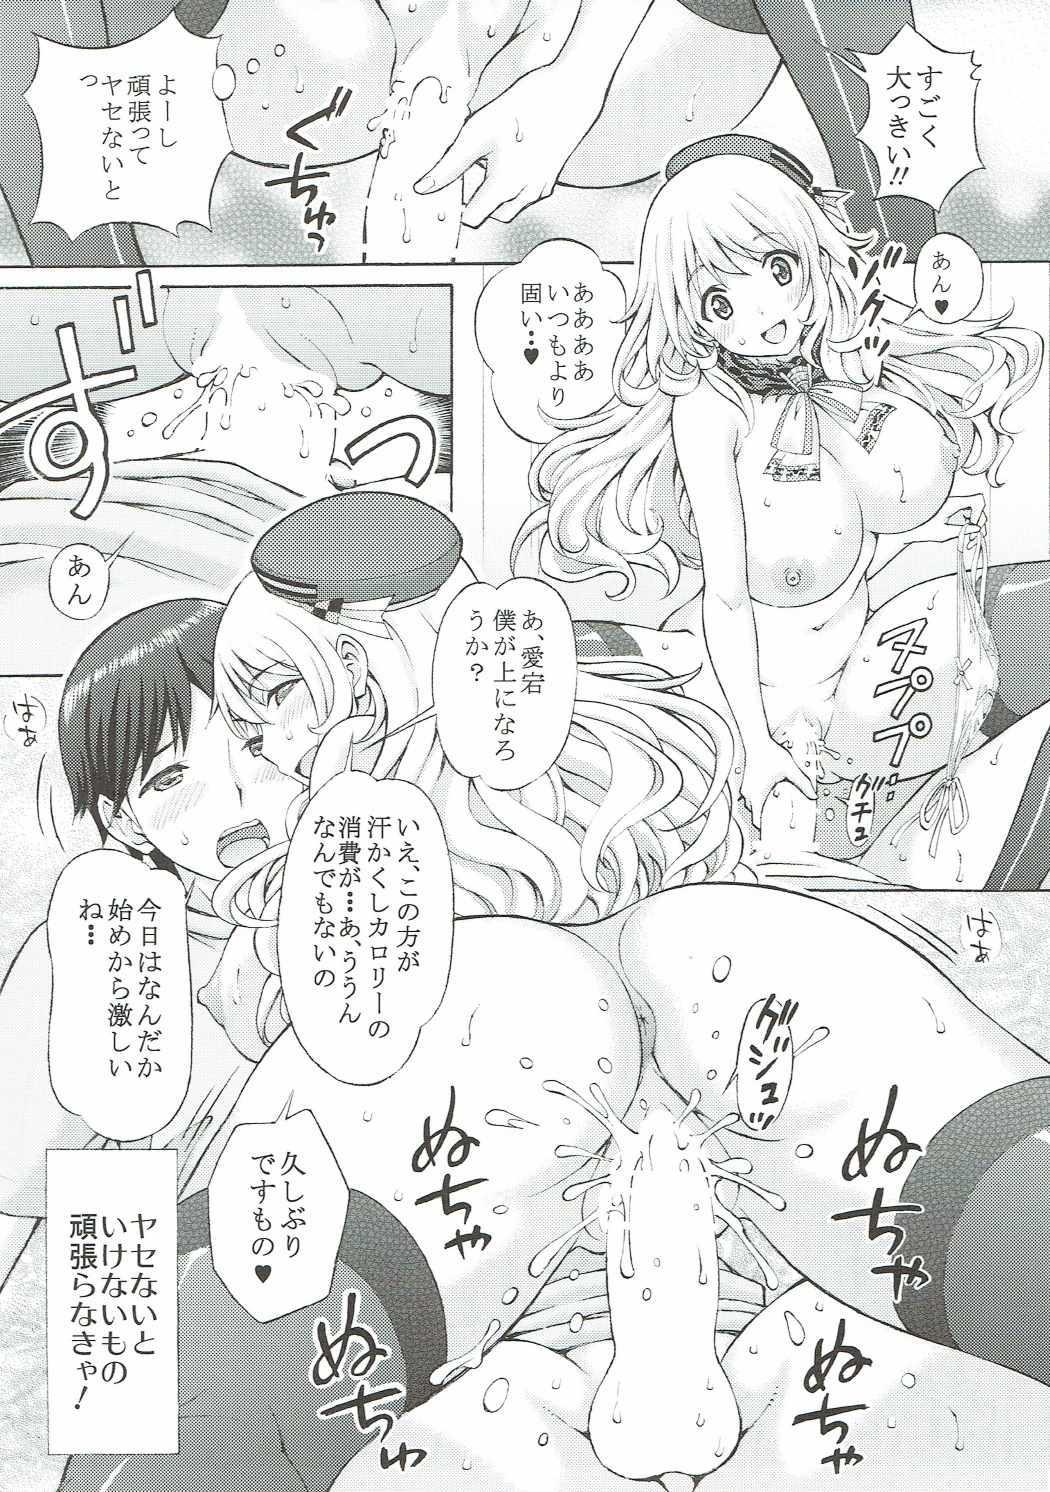 Atago no Oppai de Iyashite Ageru 2 7